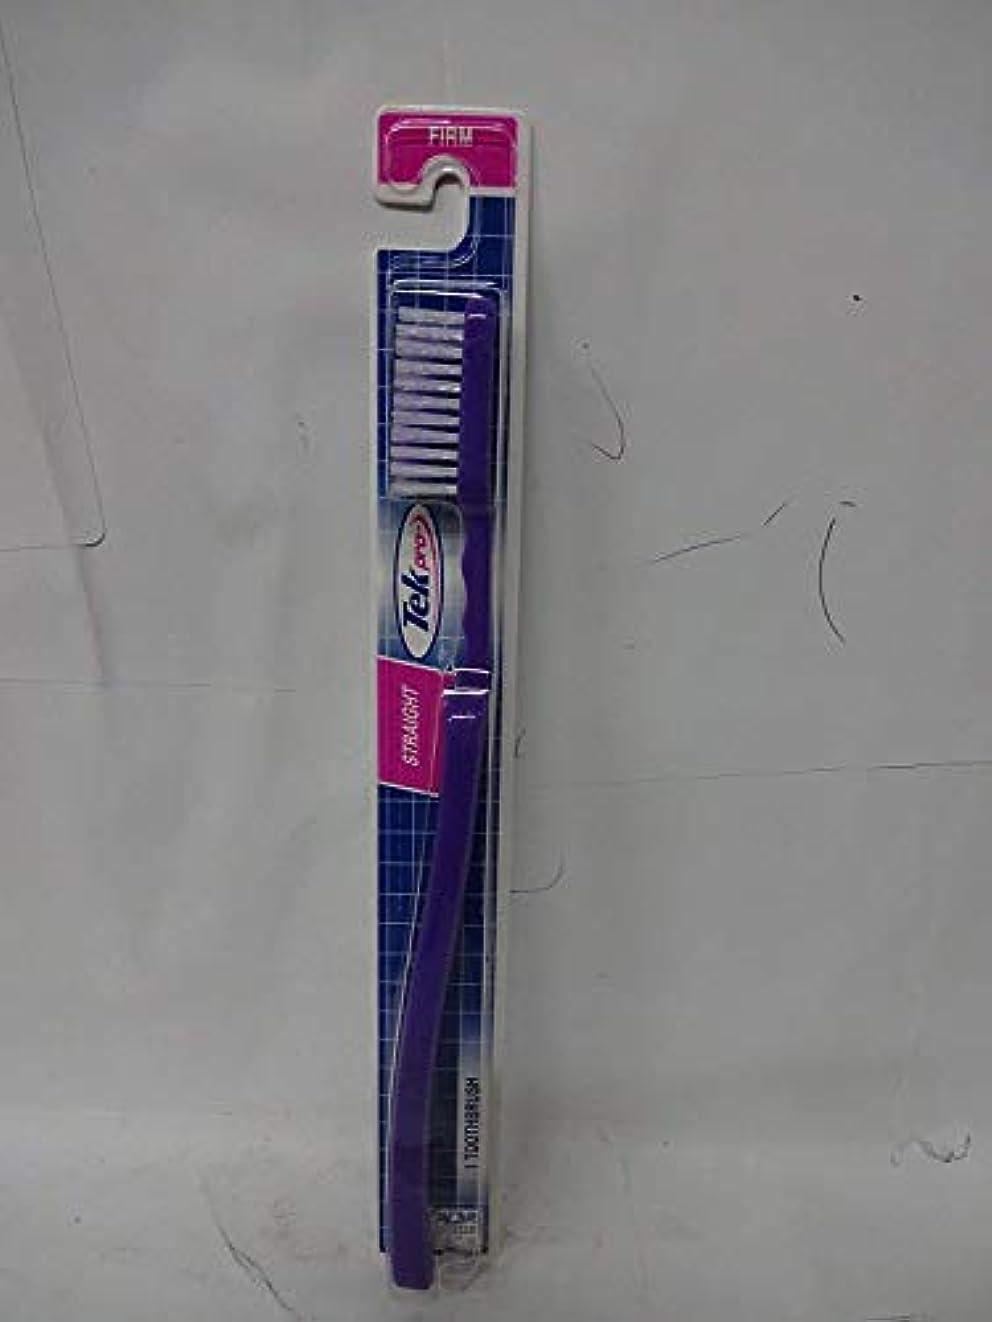 スロベニアガイドライン経験者TEK 歯ブラシの企業規模1CT歯ブラシ、12パック 12のパック